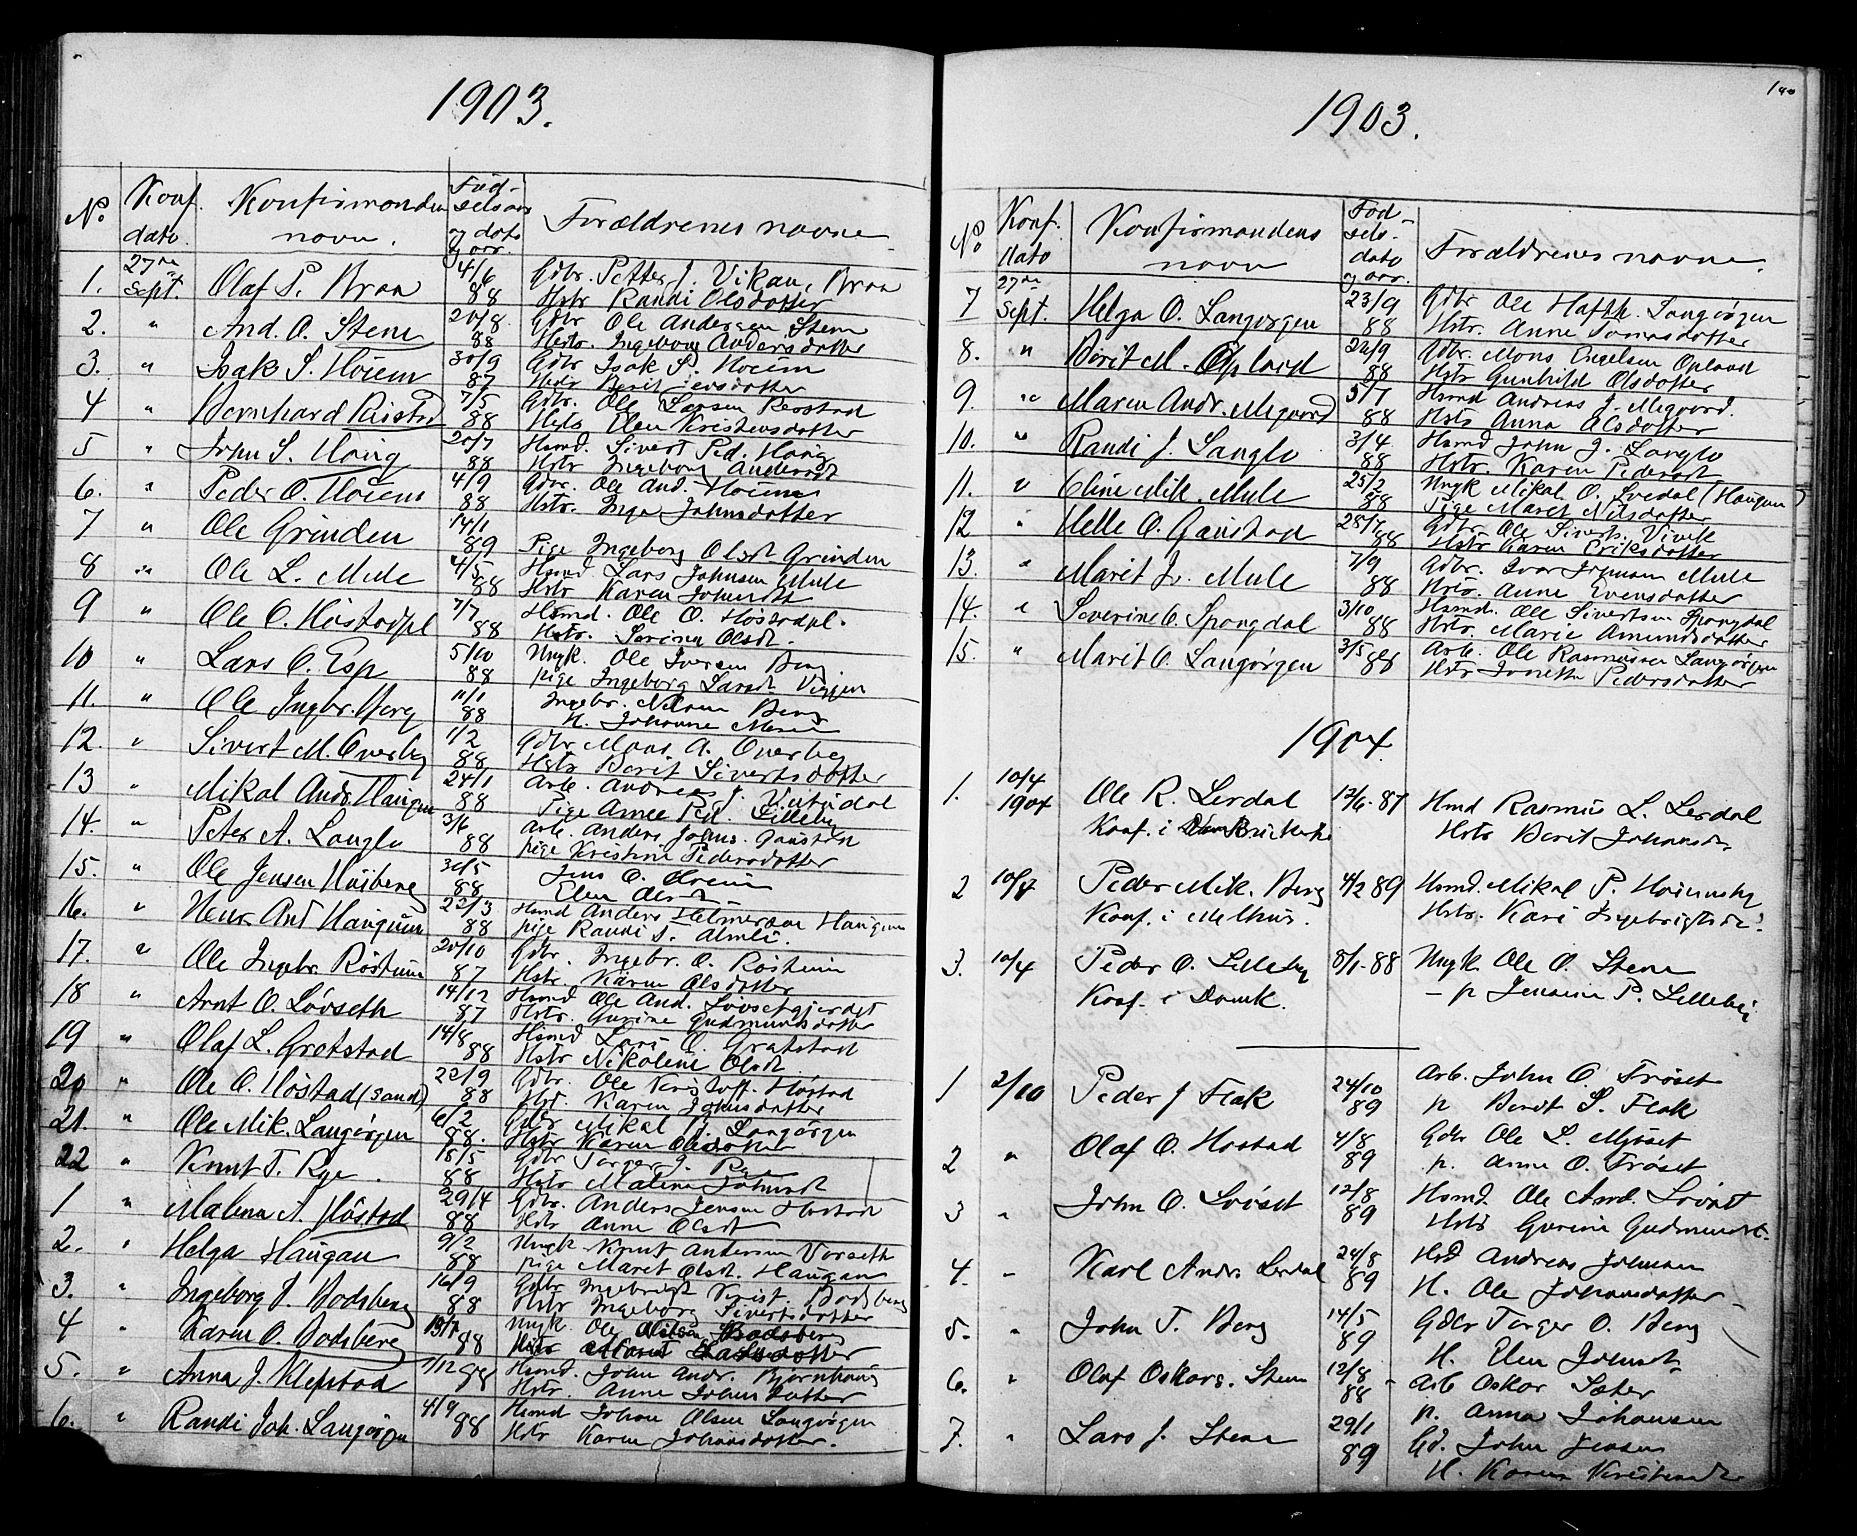 SAT, Ministerialprotokoller, klokkerbøker og fødselsregistre - Sør-Trøndelag, 612/L0387: Klokkerbok nr. 612C03, 1874-1908, s. 140